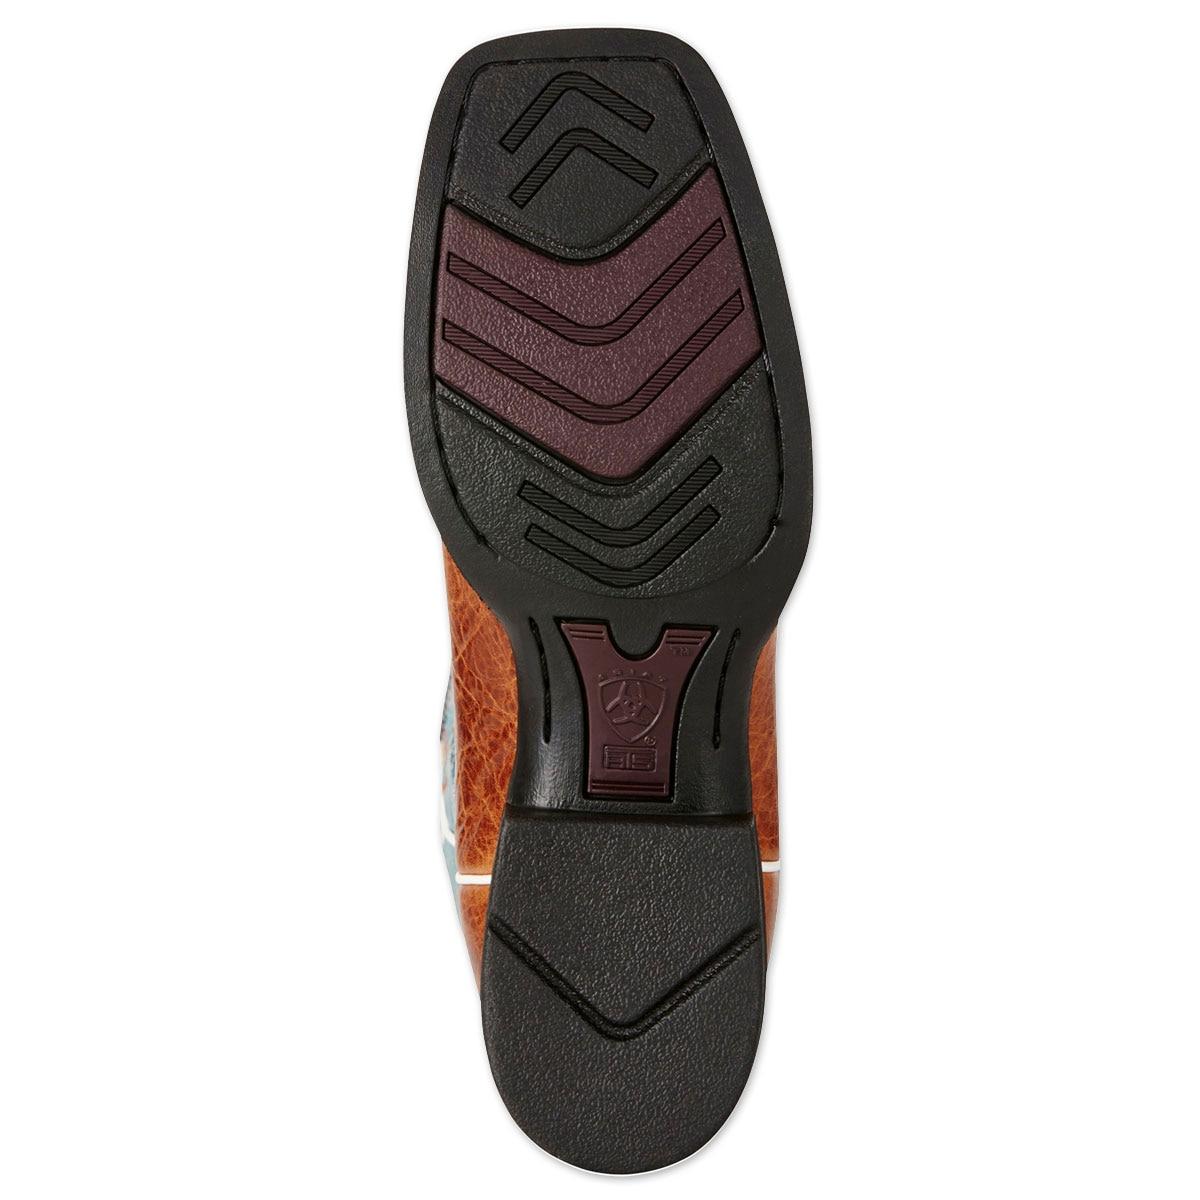 1229e6f7987 Ariat Women's Quickdraw VentTEK Boots